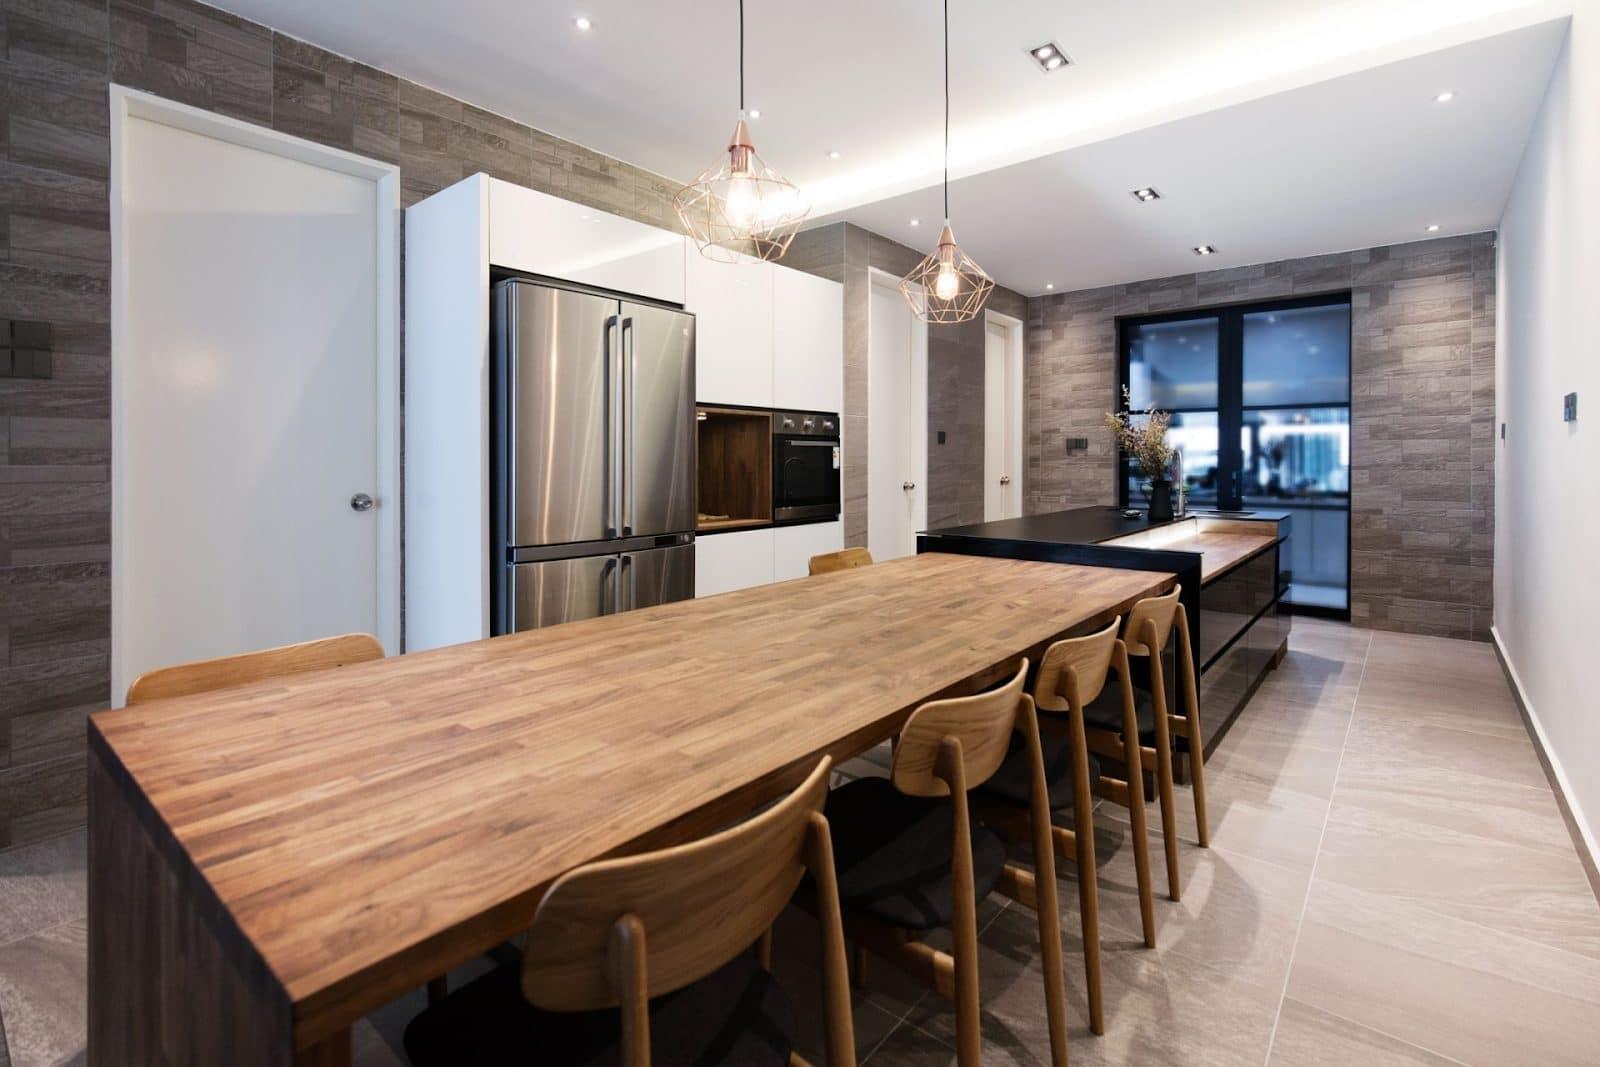 Meja makan diperbuat daripada kayu di ruang makan moden